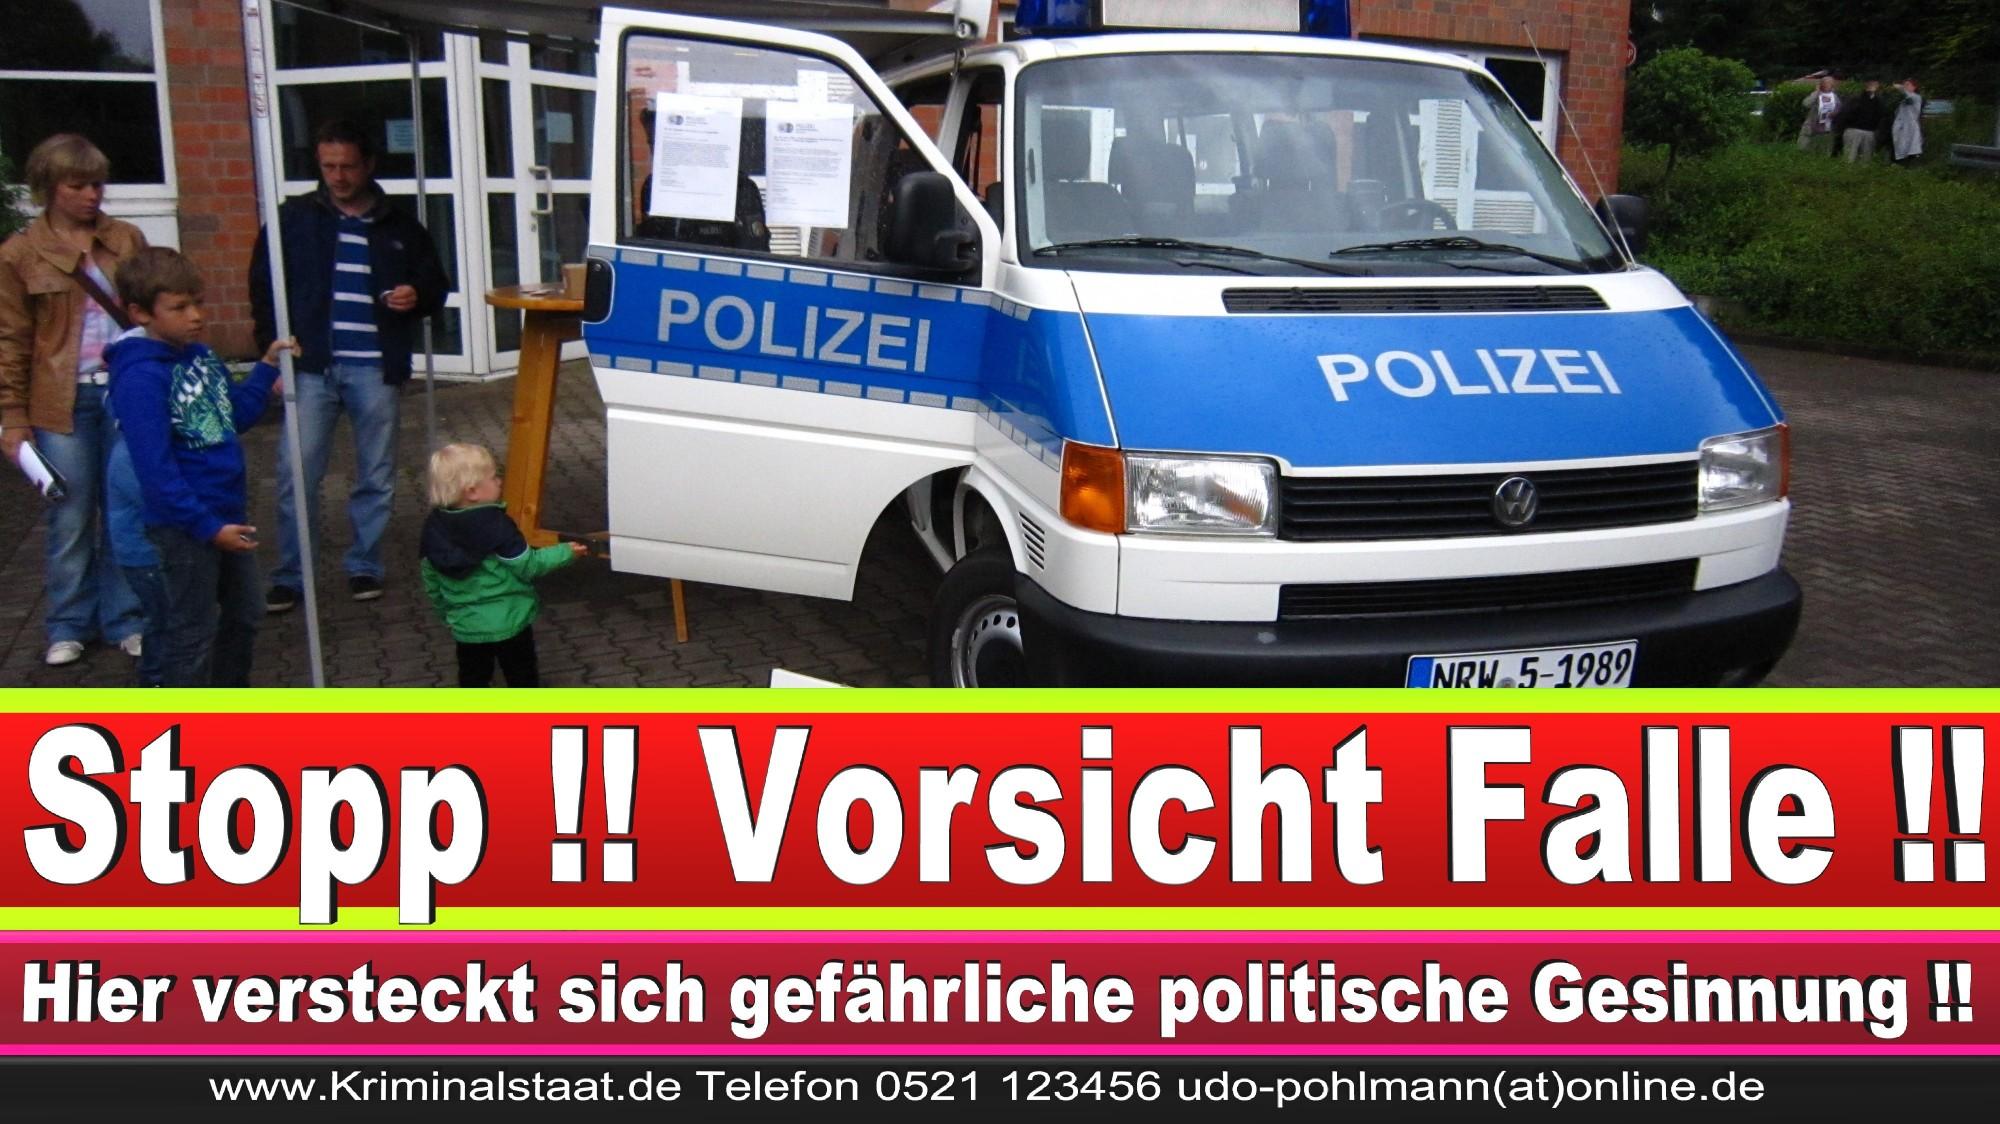 Polizeipräsidentin Katharina Giere Polizei Bielefeld NRW Erwin Südfeld Horst Kruse Polizeiuniform Polizeigewalt DEMONSTRATION Bahnhof (12) 1